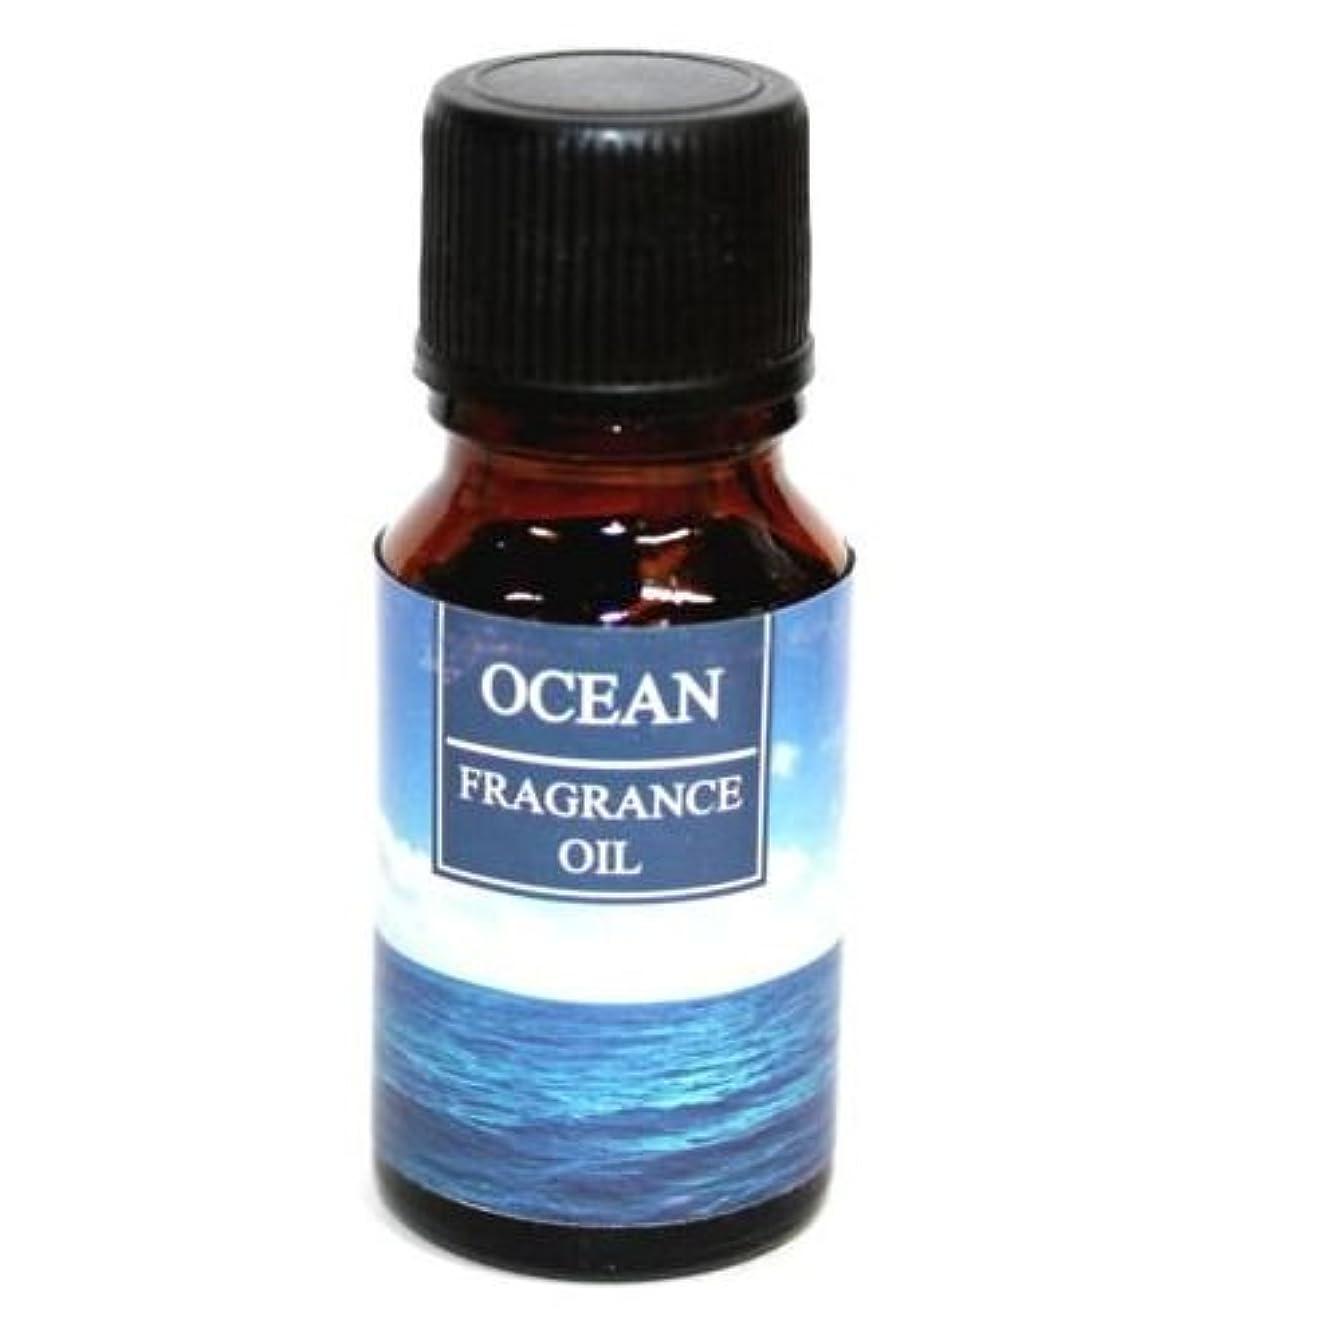 アサート虐待錫RELAXING アロマオイル AROMA OIL フレグランスオイル OCEAN 海の香り RQ-10